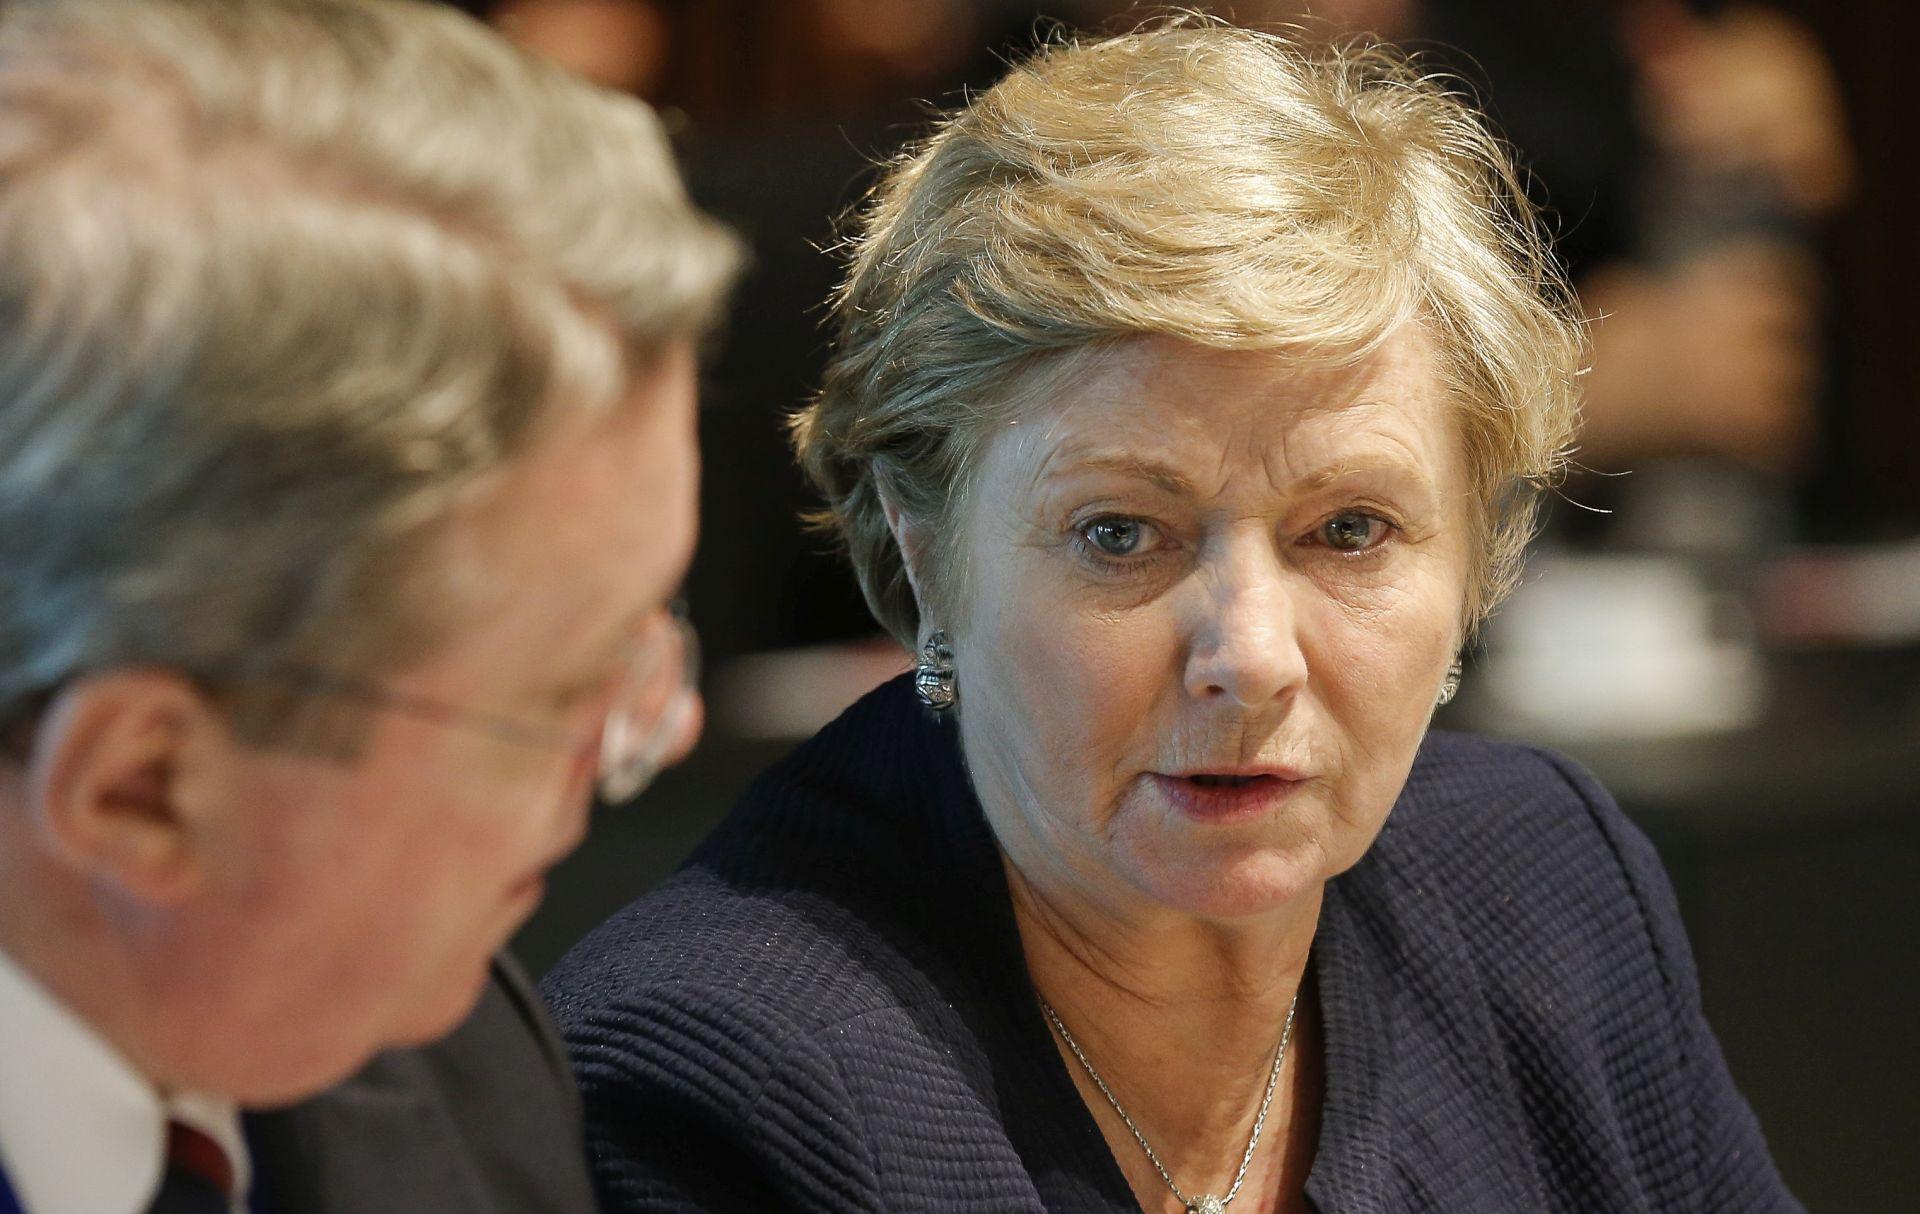 Potpredsjednica irske vlade podnijela ostavku, umanjujući prijetnju izborima